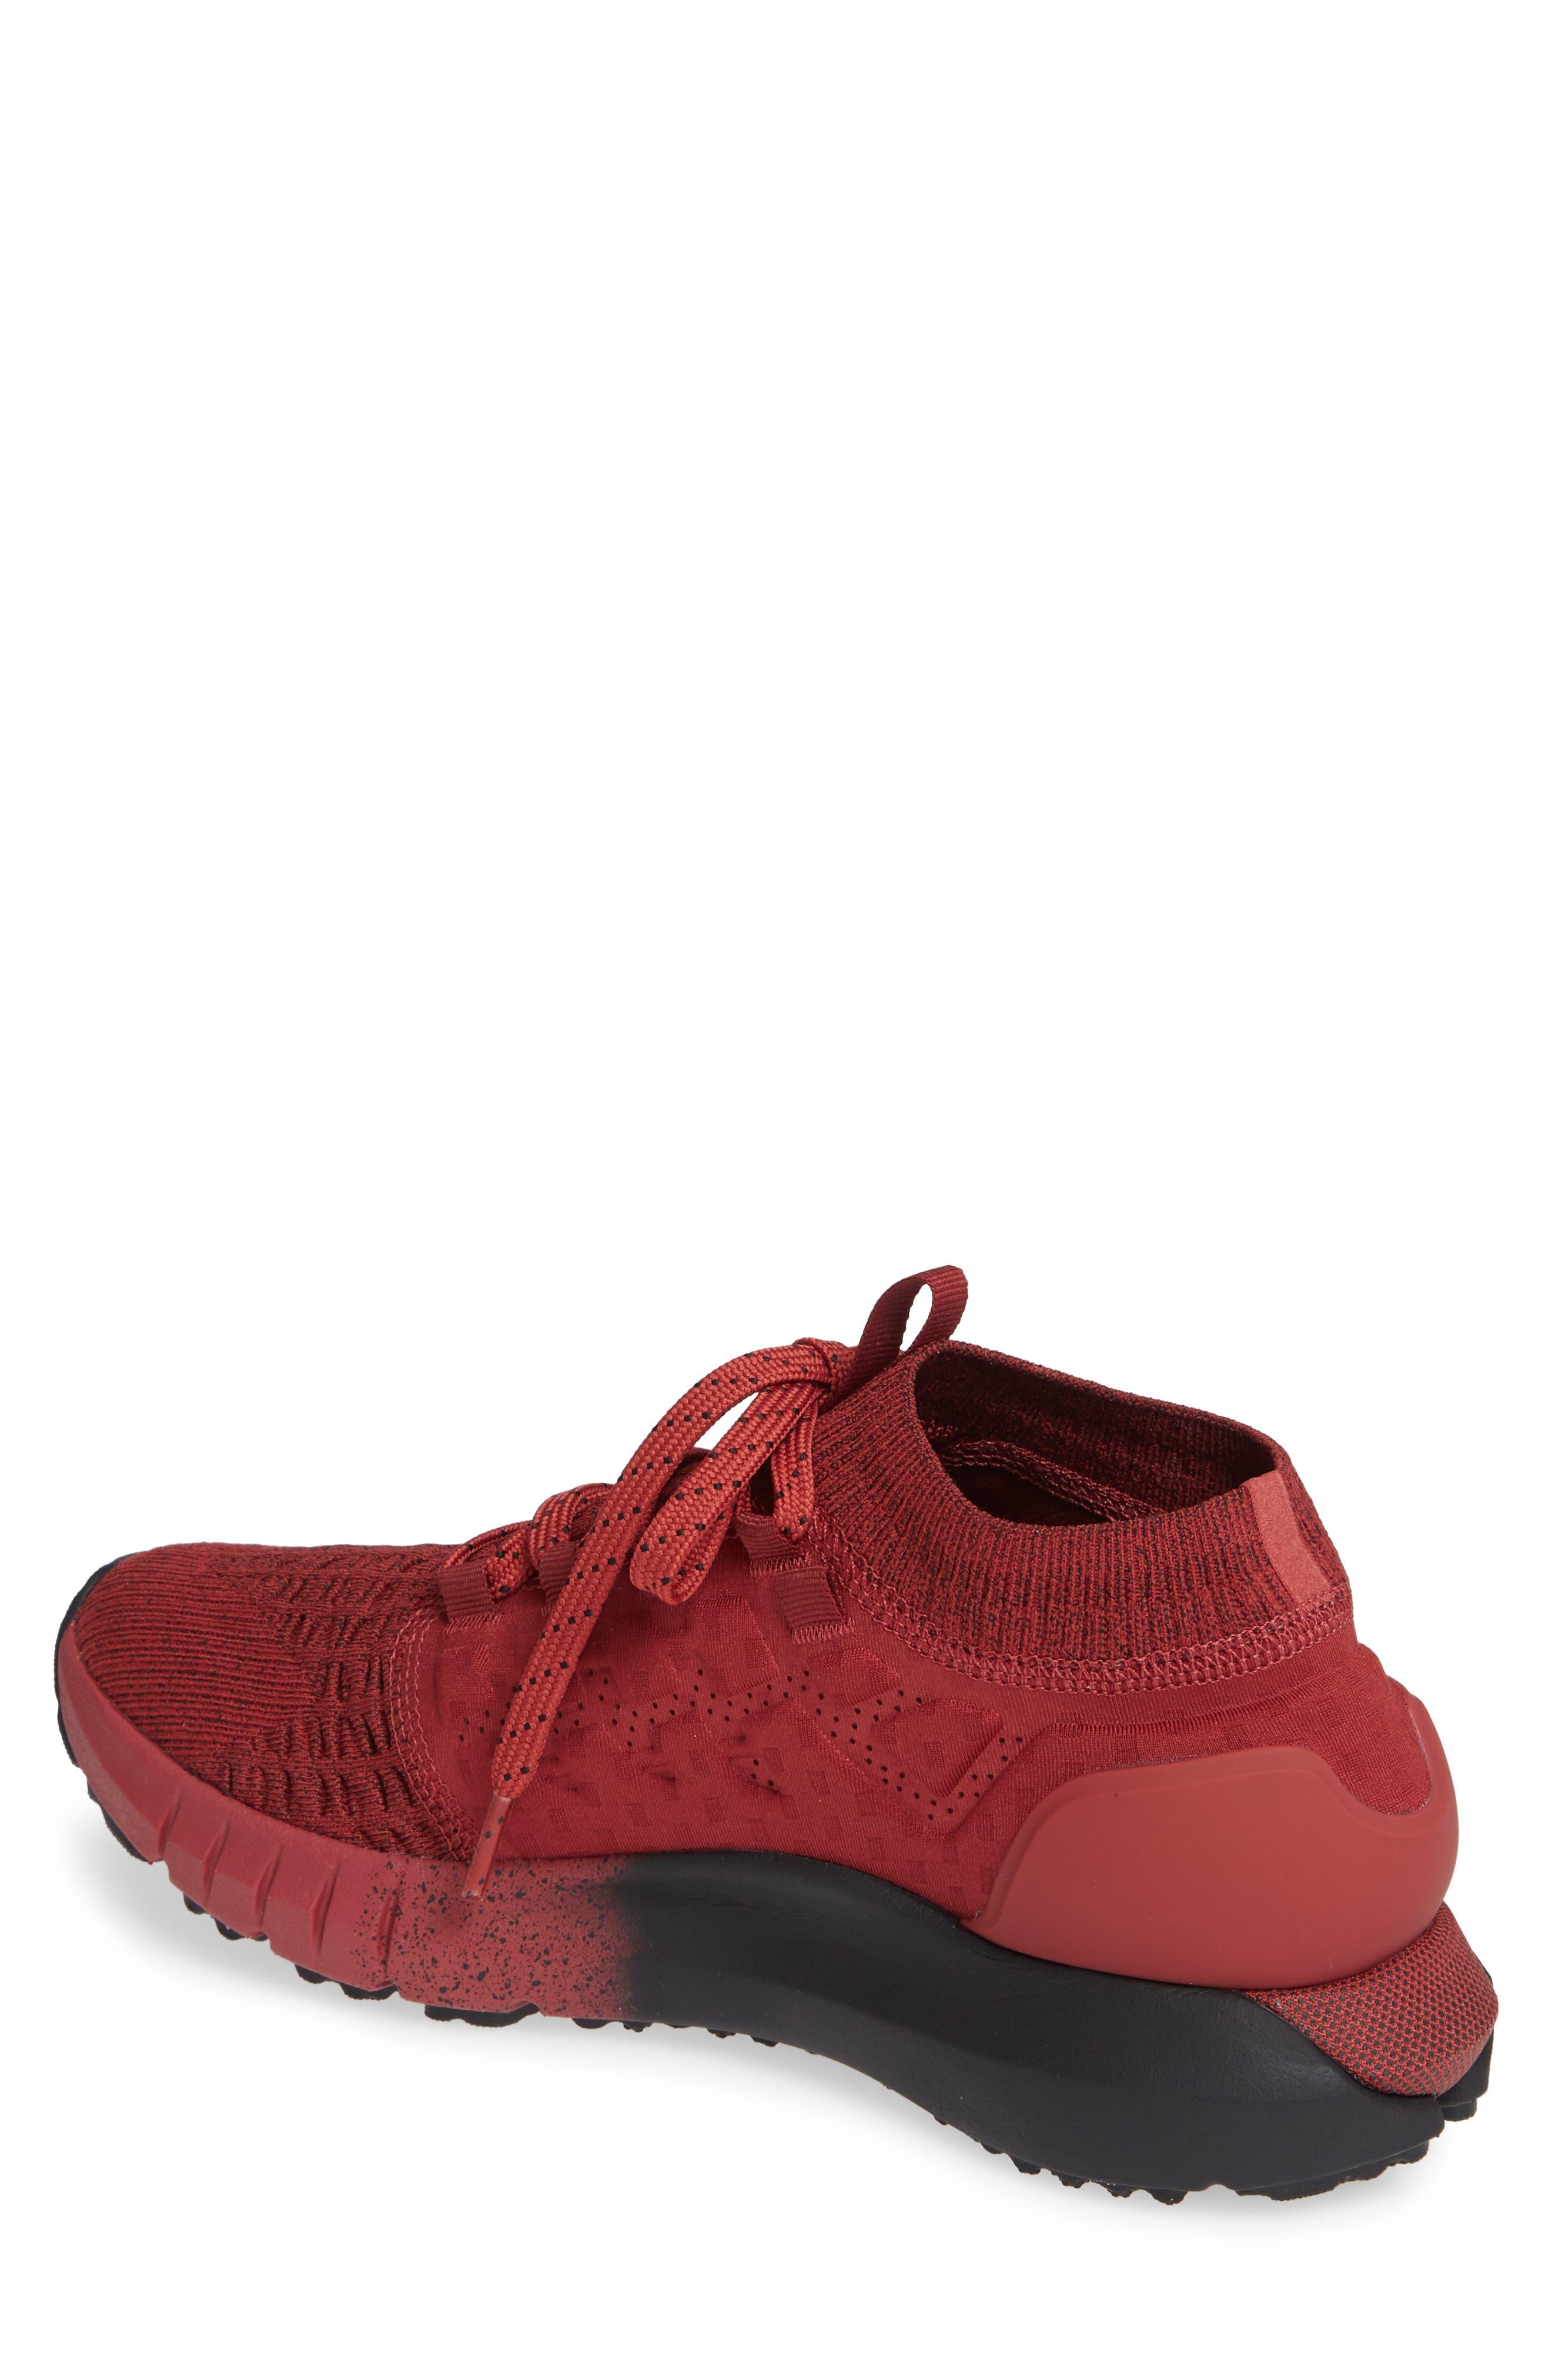 HOVR Phantom NC Sneaker,                             Alternate thumbnail 2, color,                             602